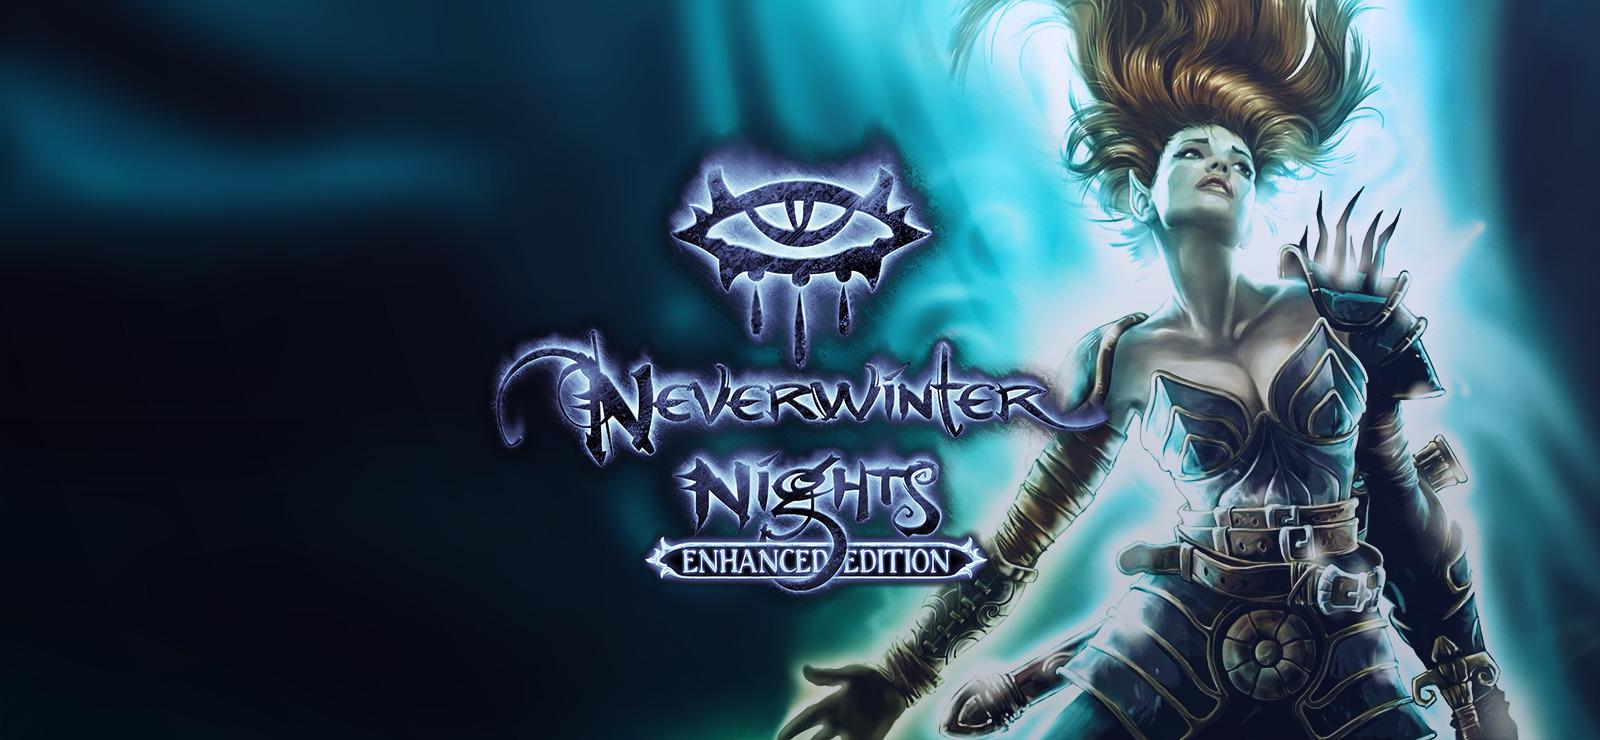 [Switch] Neverwinter Nights: Enhanced Edition virá com todos os pacotes de expansão, mods de acesso, Cross-Play com PC e mais